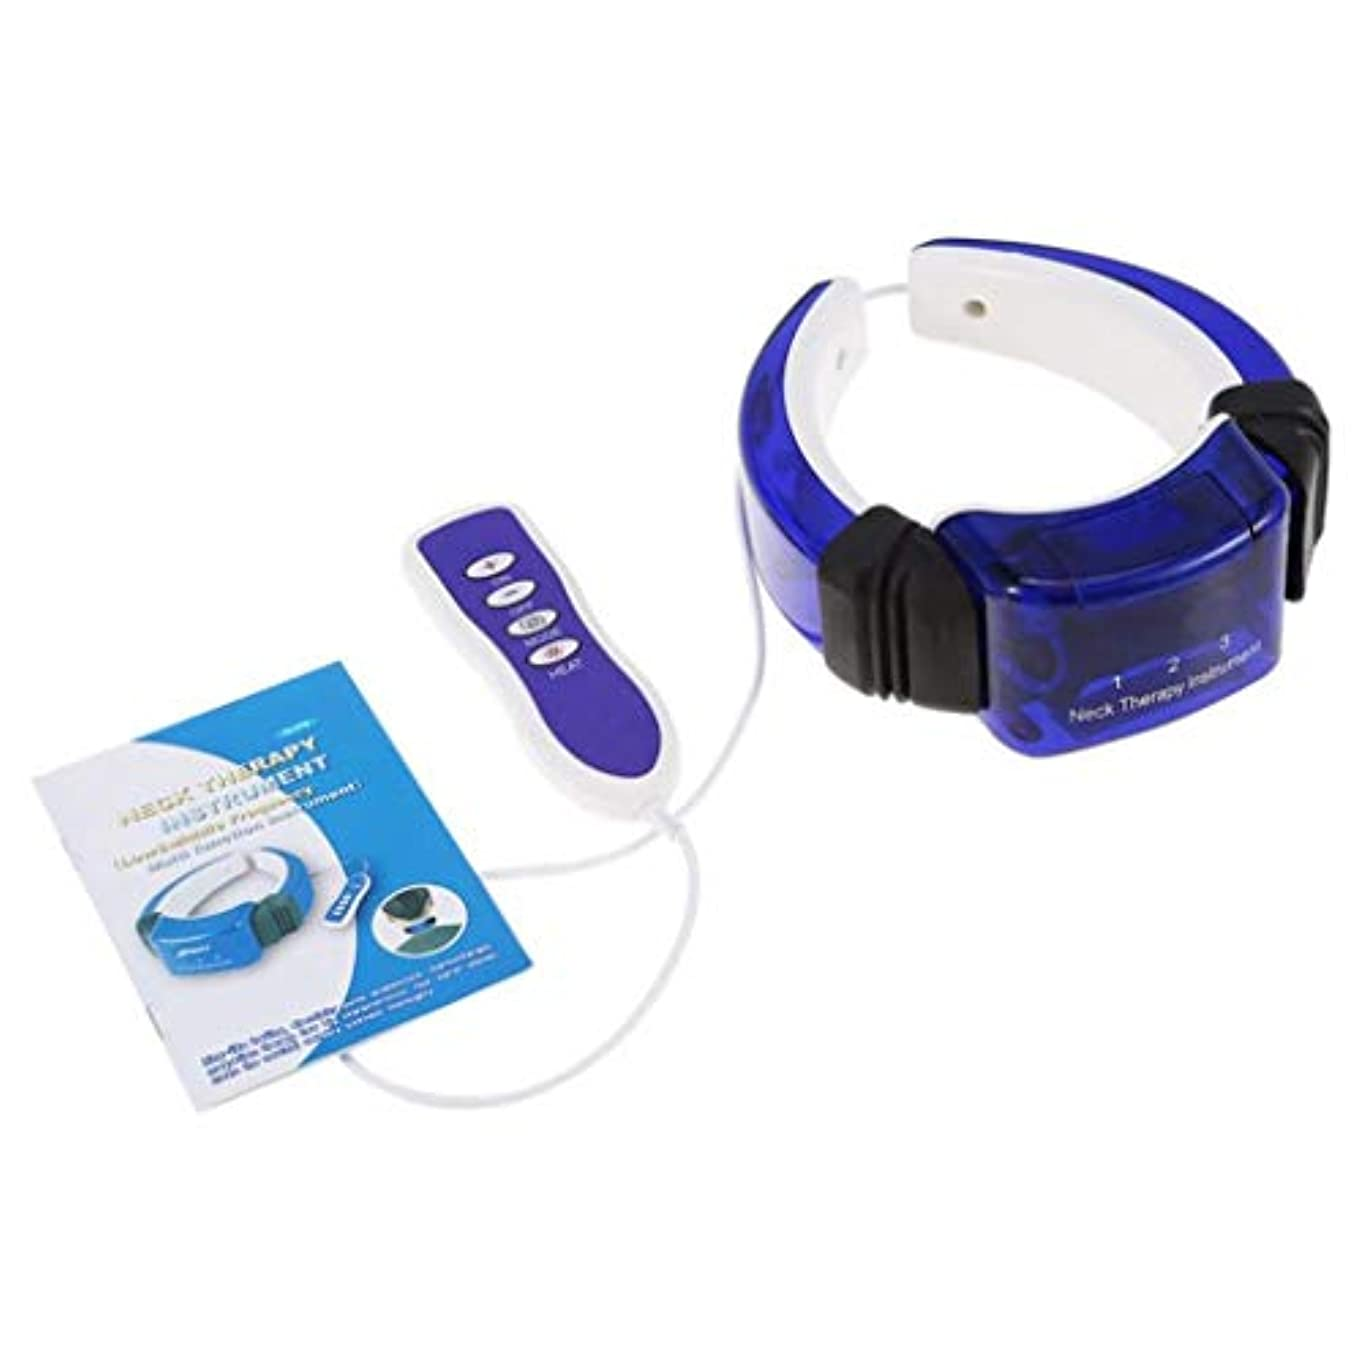 競争ワークショップハンディ子宮頸マッサージ器、電動ネックマッサージ器、経絡鍼治療機器、子宮頸理学療法機器、痛みを和らげる